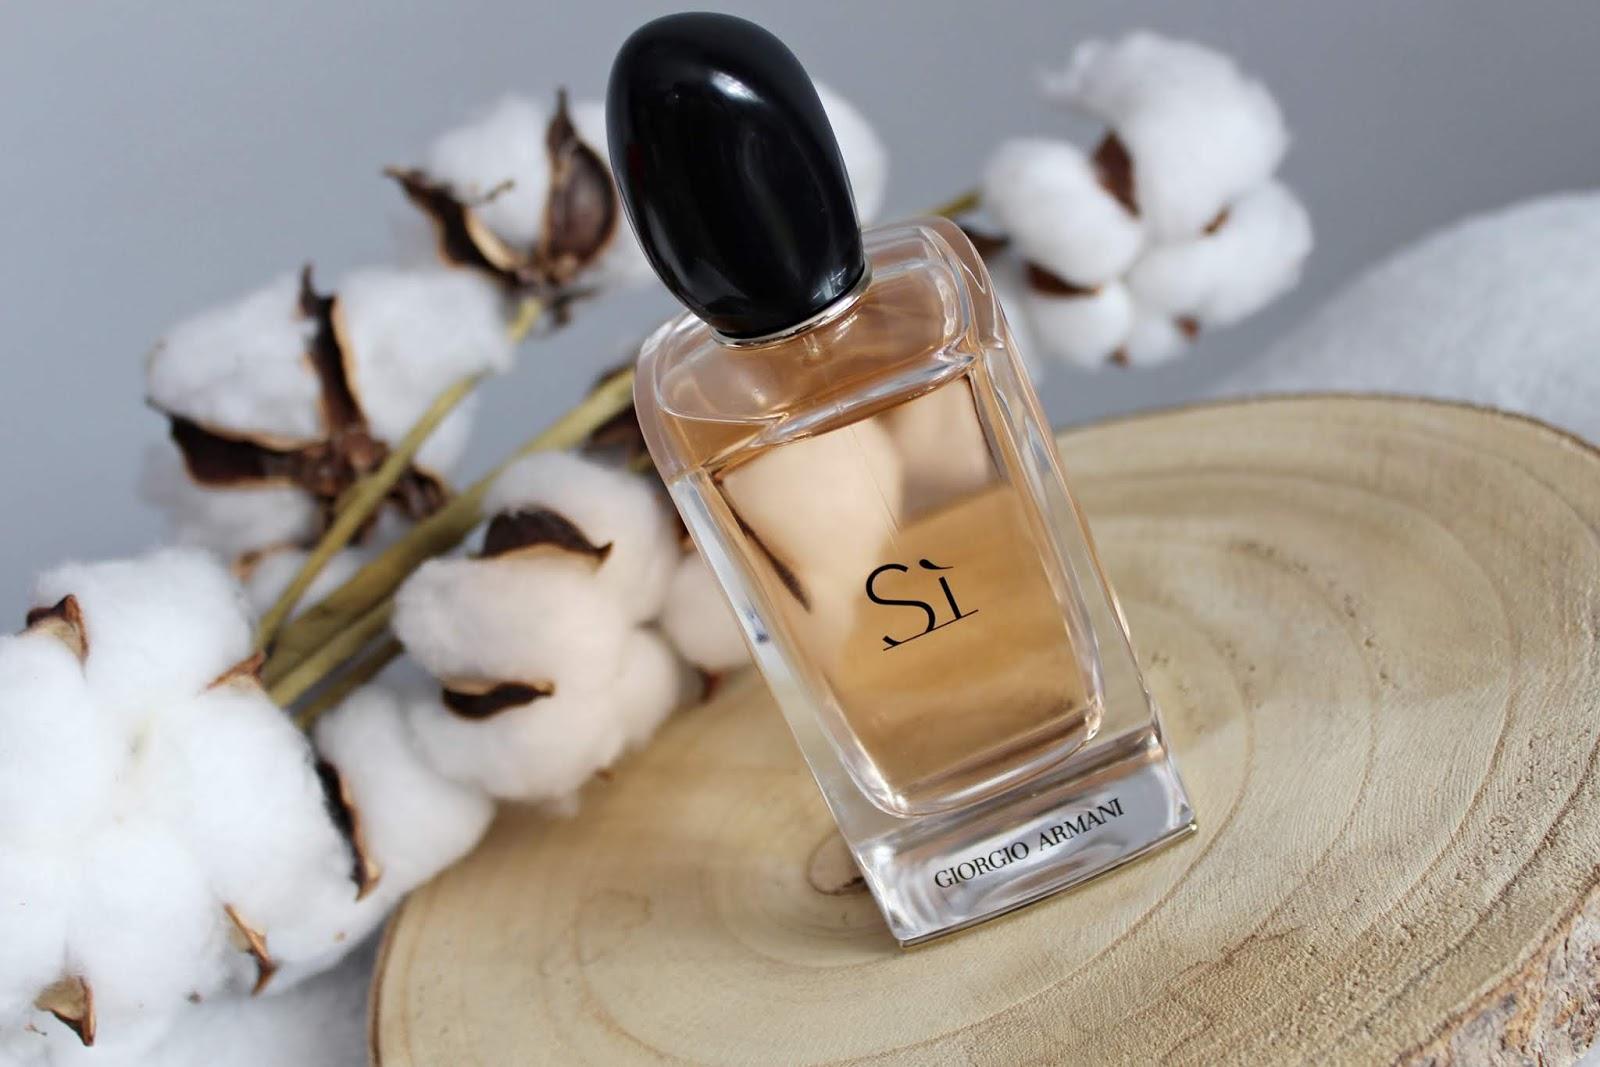 Giorgio Armani Si perfumy. Idealne perfumy na jesień i zimę